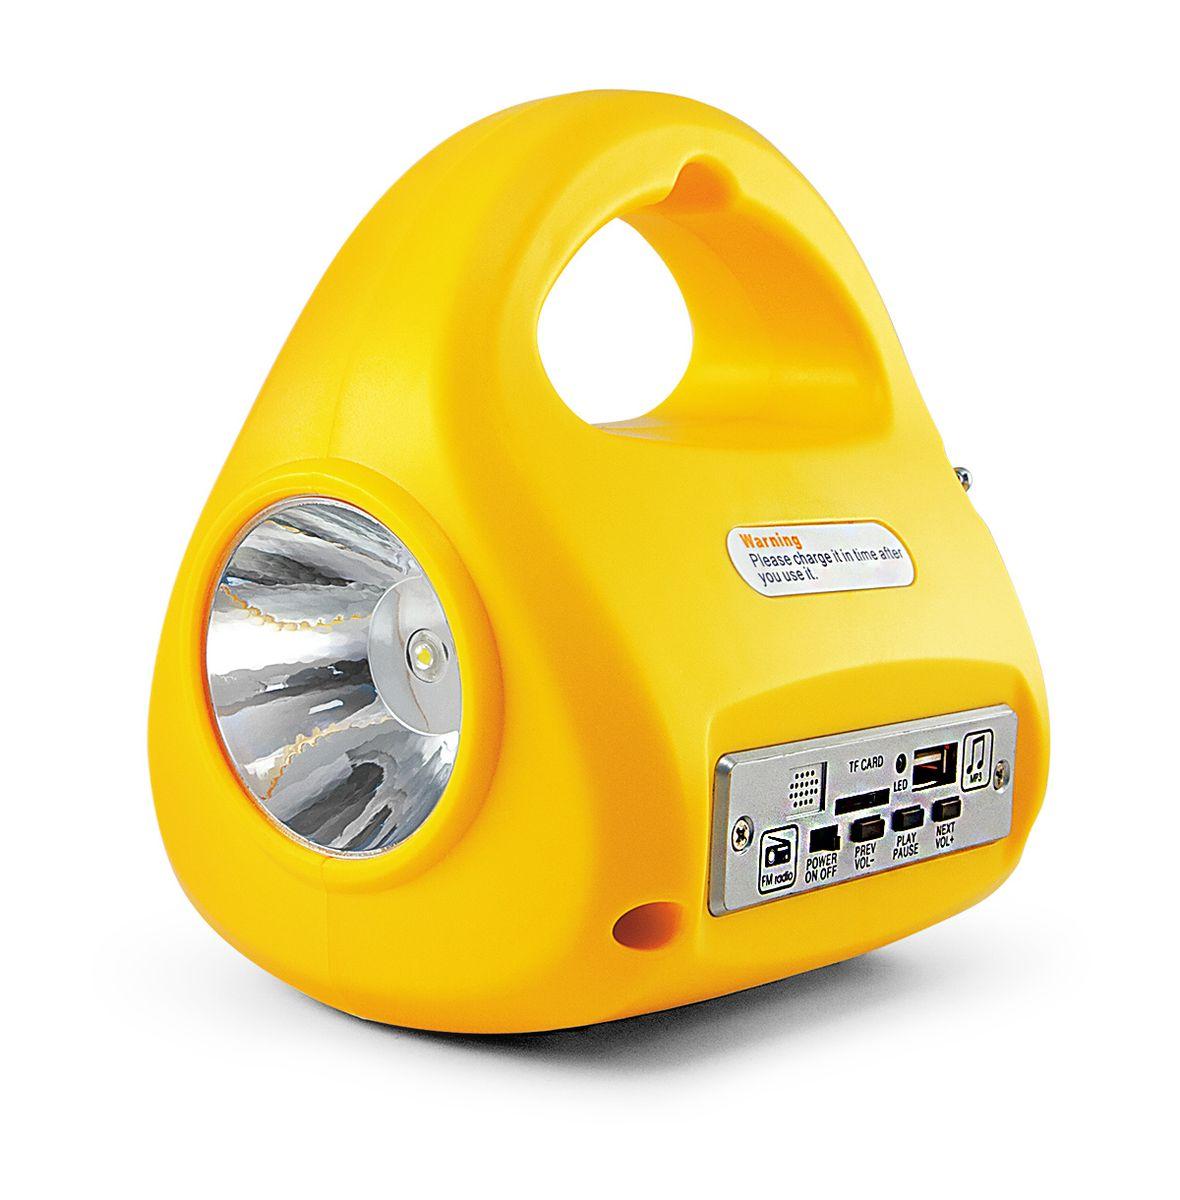 Фонарь кемпинговый Яркий Луч LA-FM67742АККУМУЛЯТОРНЫЙ СВЕТОДИОДНЫЙ ФОНАРЬ-РАДИО-МР3 LA-FM ЯРКИЙ ЛУЧ Мощный светодиод 2 Вт (150 Лм) обеспечивает направленный свет дальностью до 50 метров. 30 ярких светодиодов (суммарно 170 лм) на нижней грани для местного освещения. Наличие радиоприемника (FM диапазон) и MP3-плейера для нескучного досуга. USB-разъем для подключения «флешки» с музыкальными композициями (MP3). Разъем для MicroSD карт памяти с музыкальными композициями (MP3). Встроенная защита от перезаряда и полного разряда аккумулятора. Функция аварийного освещения. При отключении напряжения сети фонарь включится автоматически.Аккумуляторный многофункциональный светодиодный ФОНАРЬ «ЯРКИЙ ЛУЧ».Два режима работы. «Прожектор»: 2 Вт светодиод обеспечит направленным светом дальнего действия, световой поток 150 люмен, время работы – до 4 часов.«Кемпинг»: 30 светодиодов – рассеянный свет для местного освещения, световой поток 170 люмен, время работы – до 7 часов.Возможность прослушивания радио в FM-диапазоне, время работы – до 15 часов; проигрывание MP3-композиций с flash- накопителя или MicroSD карты памяти, время работы – до 6 часов (в зависимости от уровня громкости звука).Встроенный кислотно-свинцовый аккумулятор 4 В, 2000 мАч. Время зарядки составляет от 10 до 12 часов.